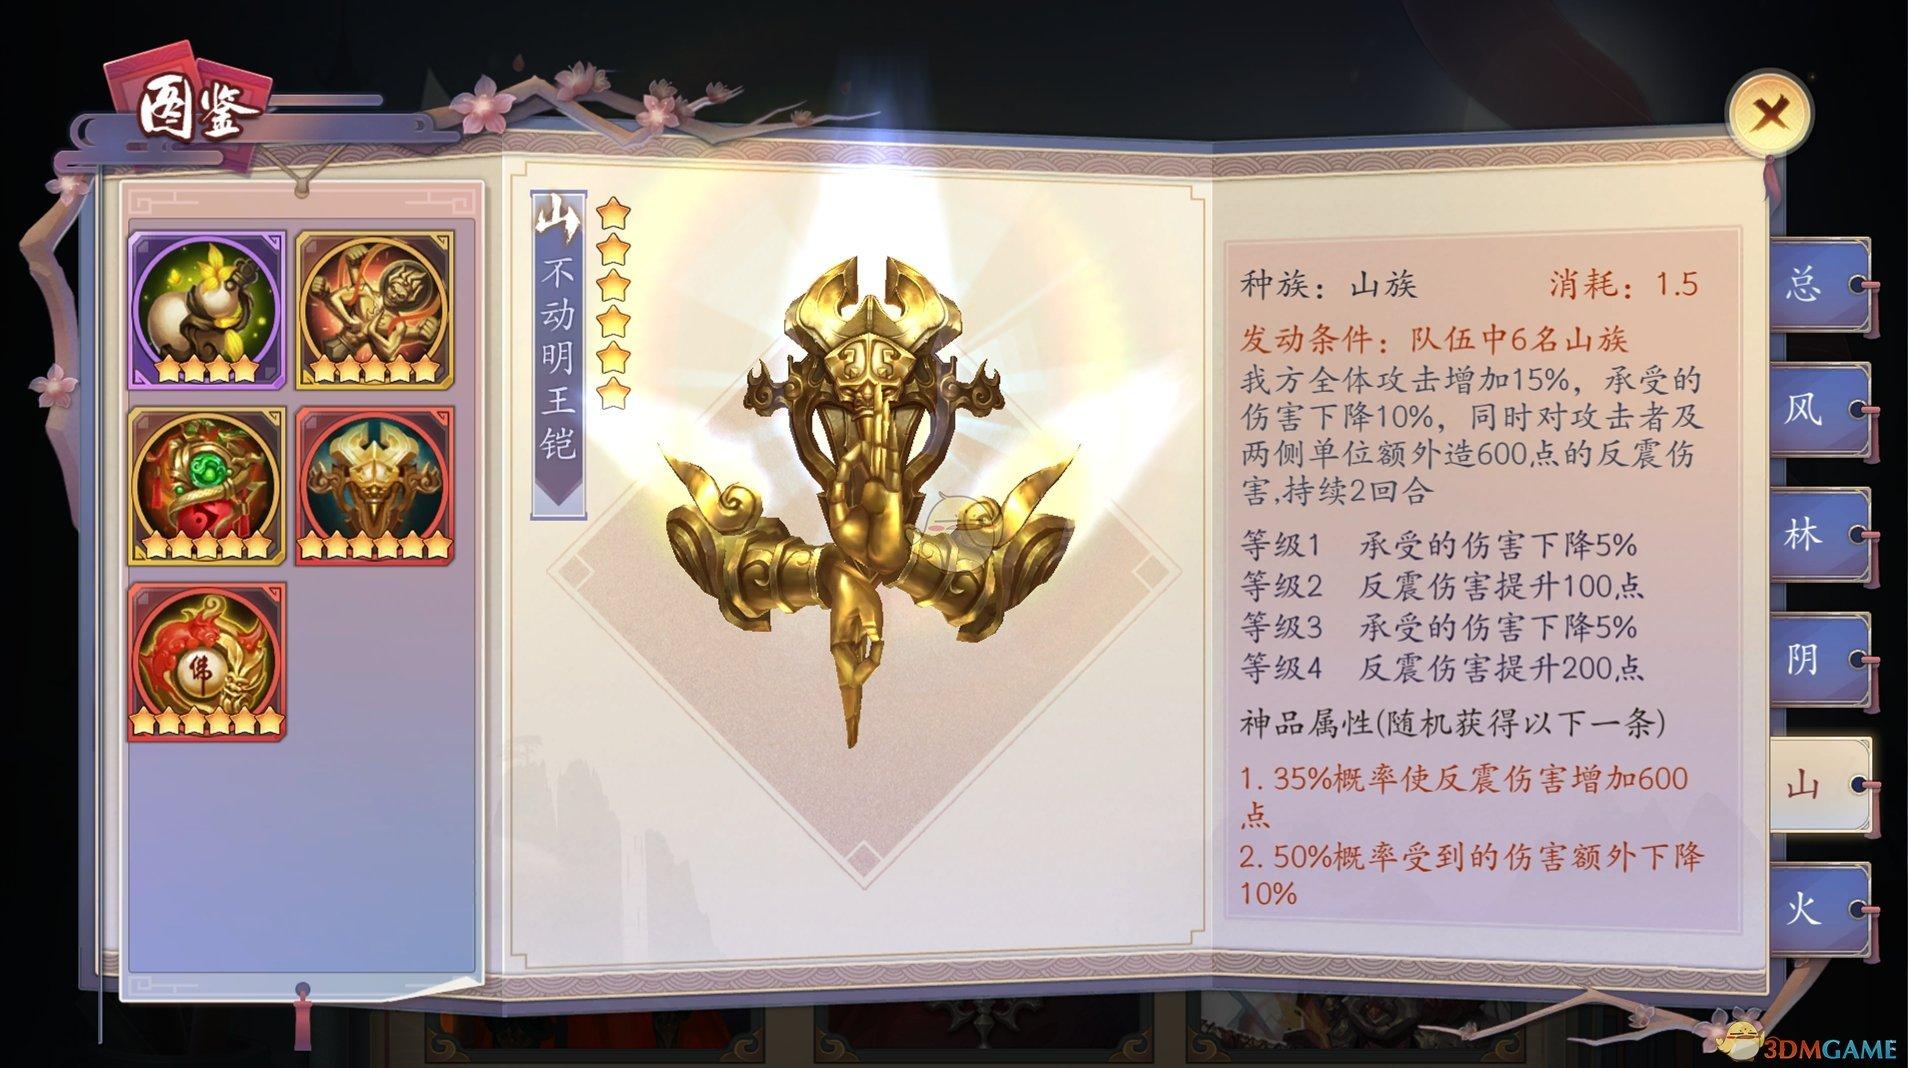 《长安幻世绘》狂刀技能属性优缺点介绍